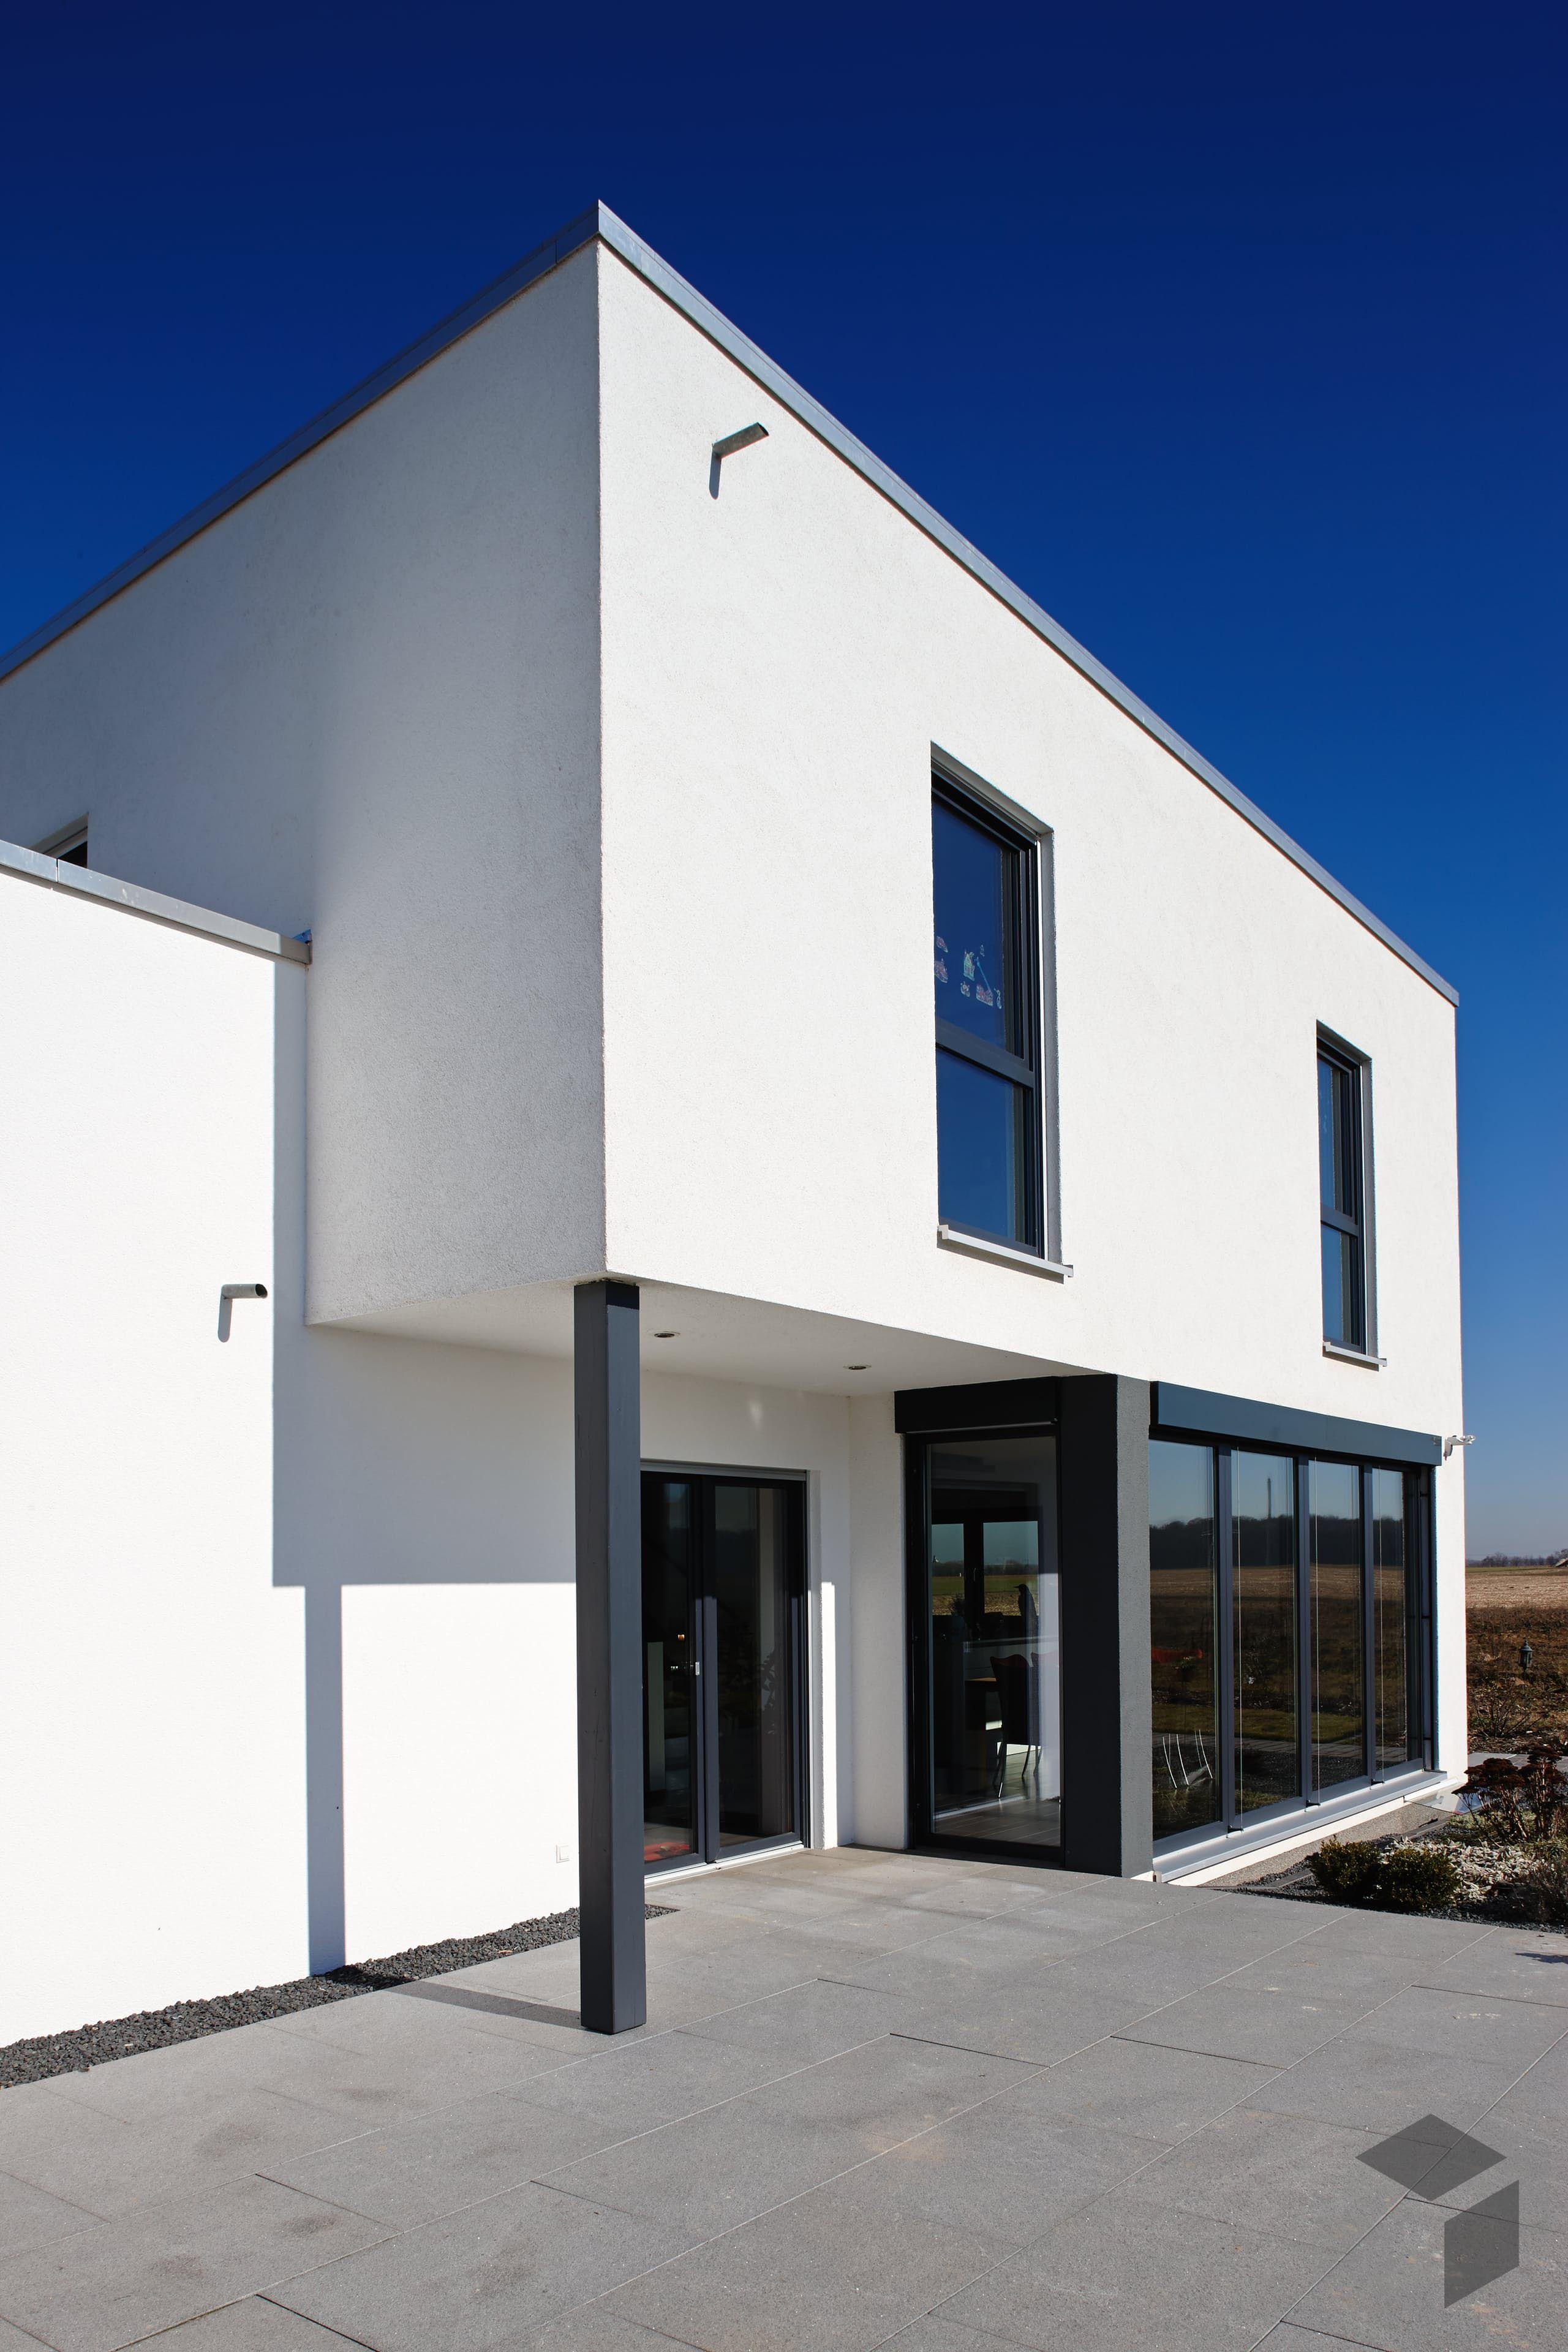 Kubushaus mit Flachdach von FingerHaus Erhalte alle Infos